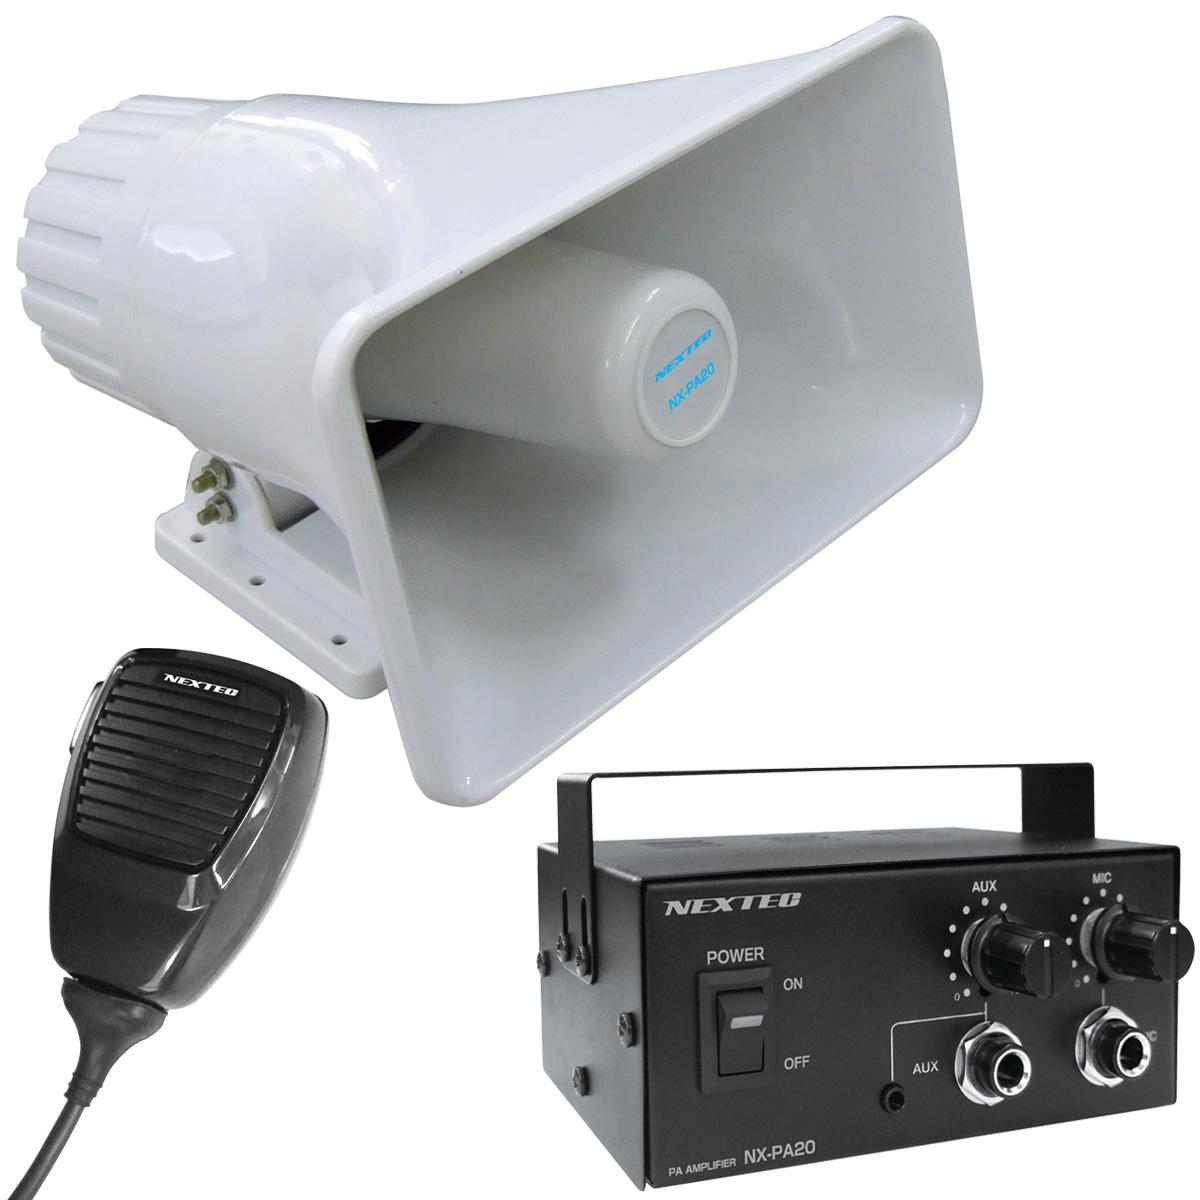 車載用拡声器/スピーカー・アンプ・マイクのフルセット NX-PA20